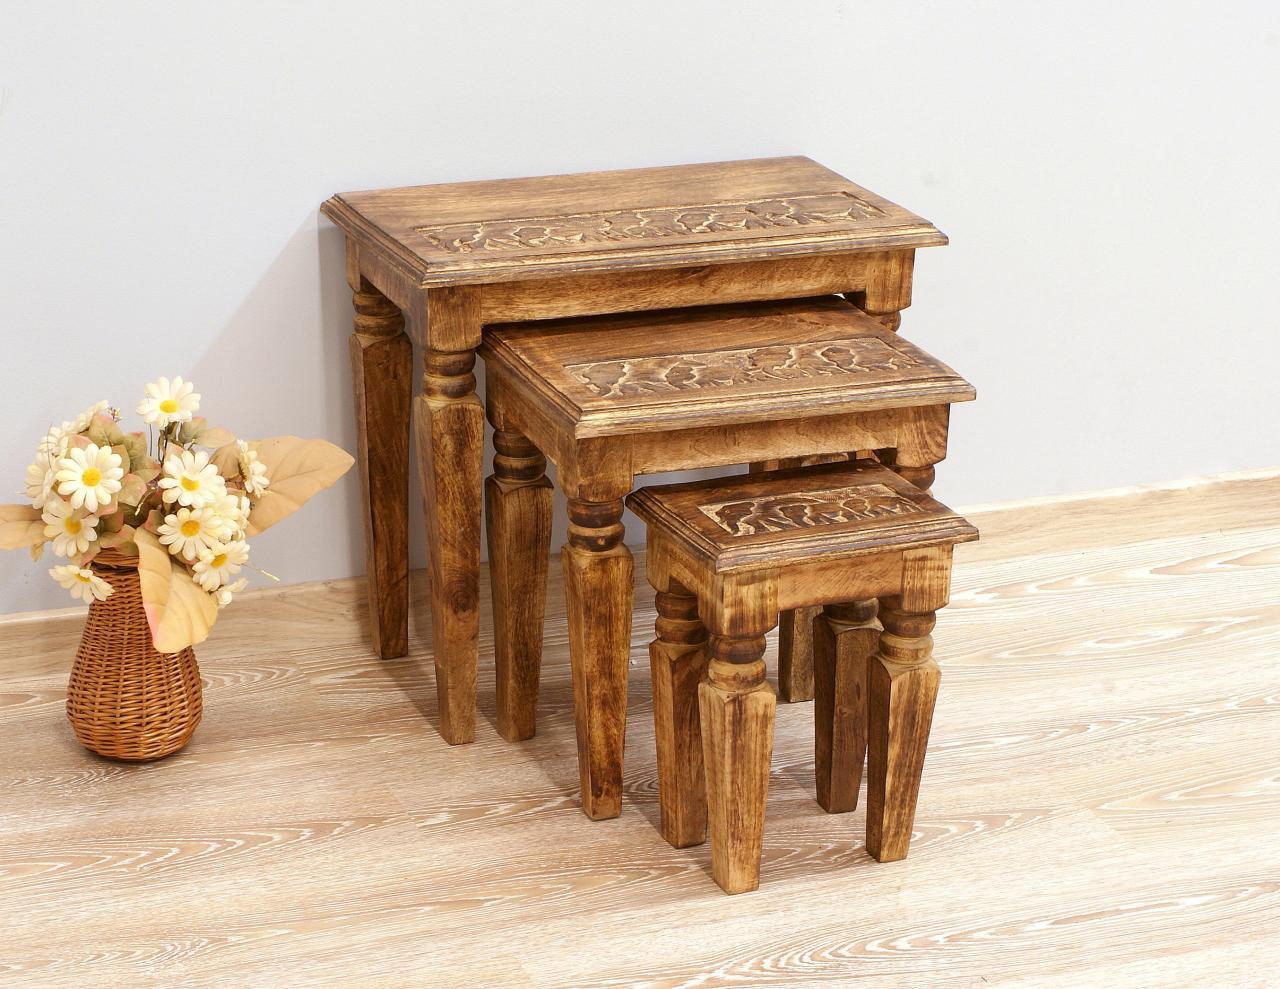 Stolik stołek taboret indyjski lite drewno mango rzeźbiony zestaw 3 sztuk